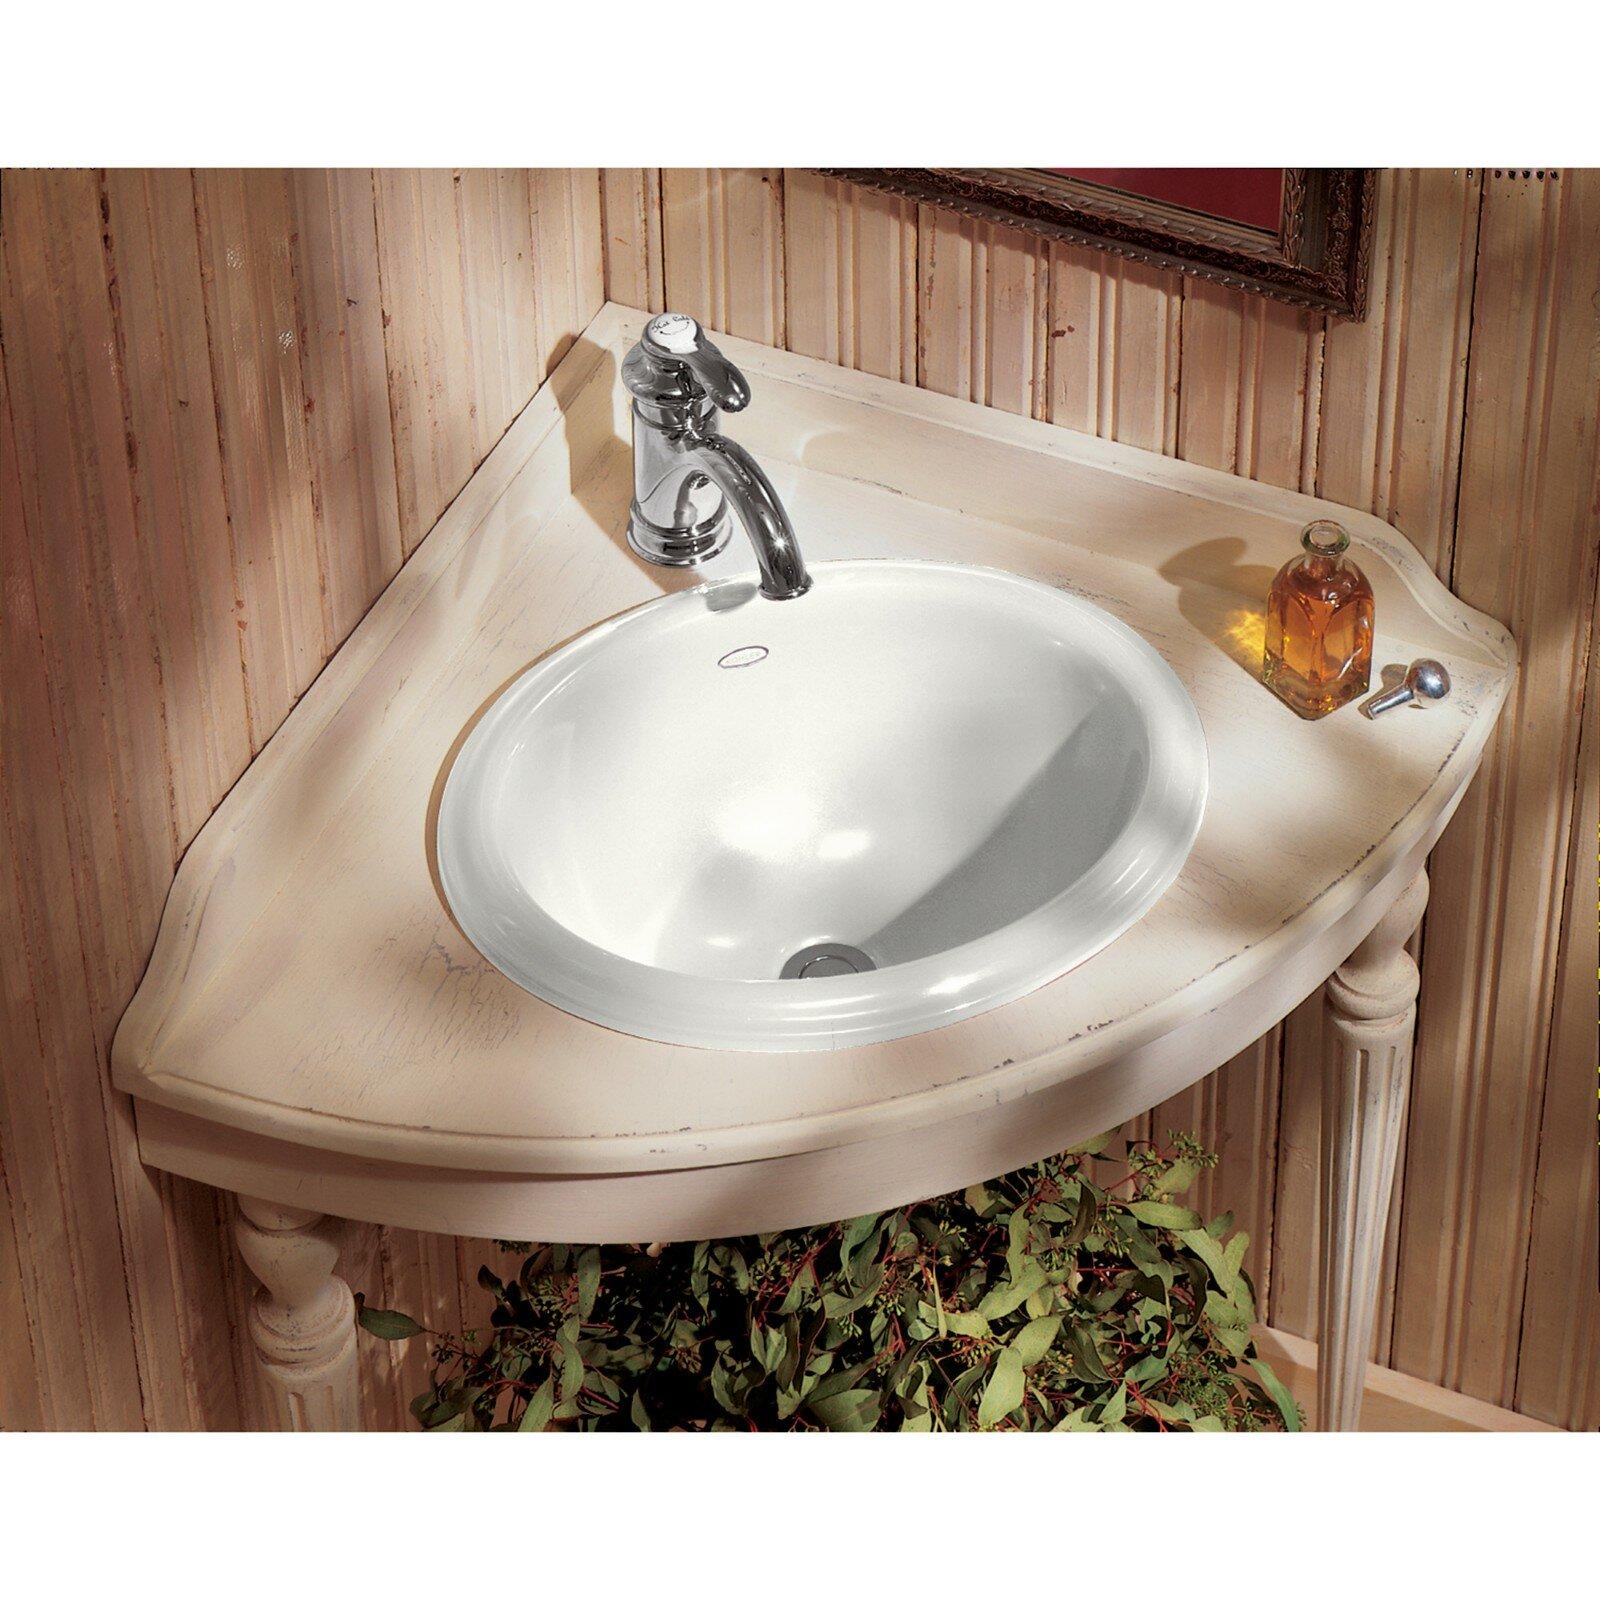 K-2292-0 Kohler Intaglio Ceramic Oval Drop-In Bathroom Sink & Reviews | Wayfair